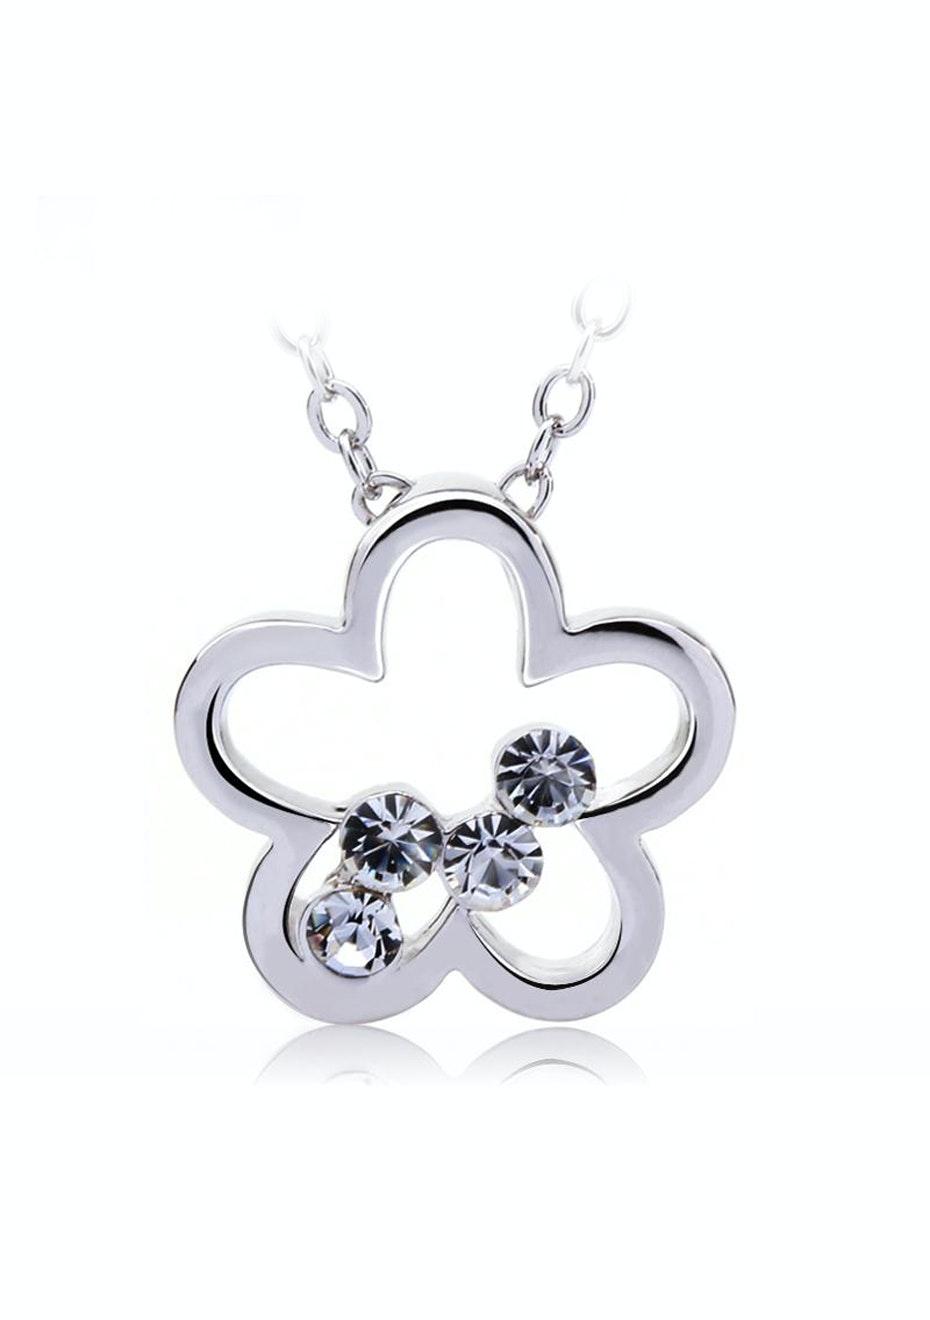 Clover Kepper Pendant Necklace Ft Swarovski Elements